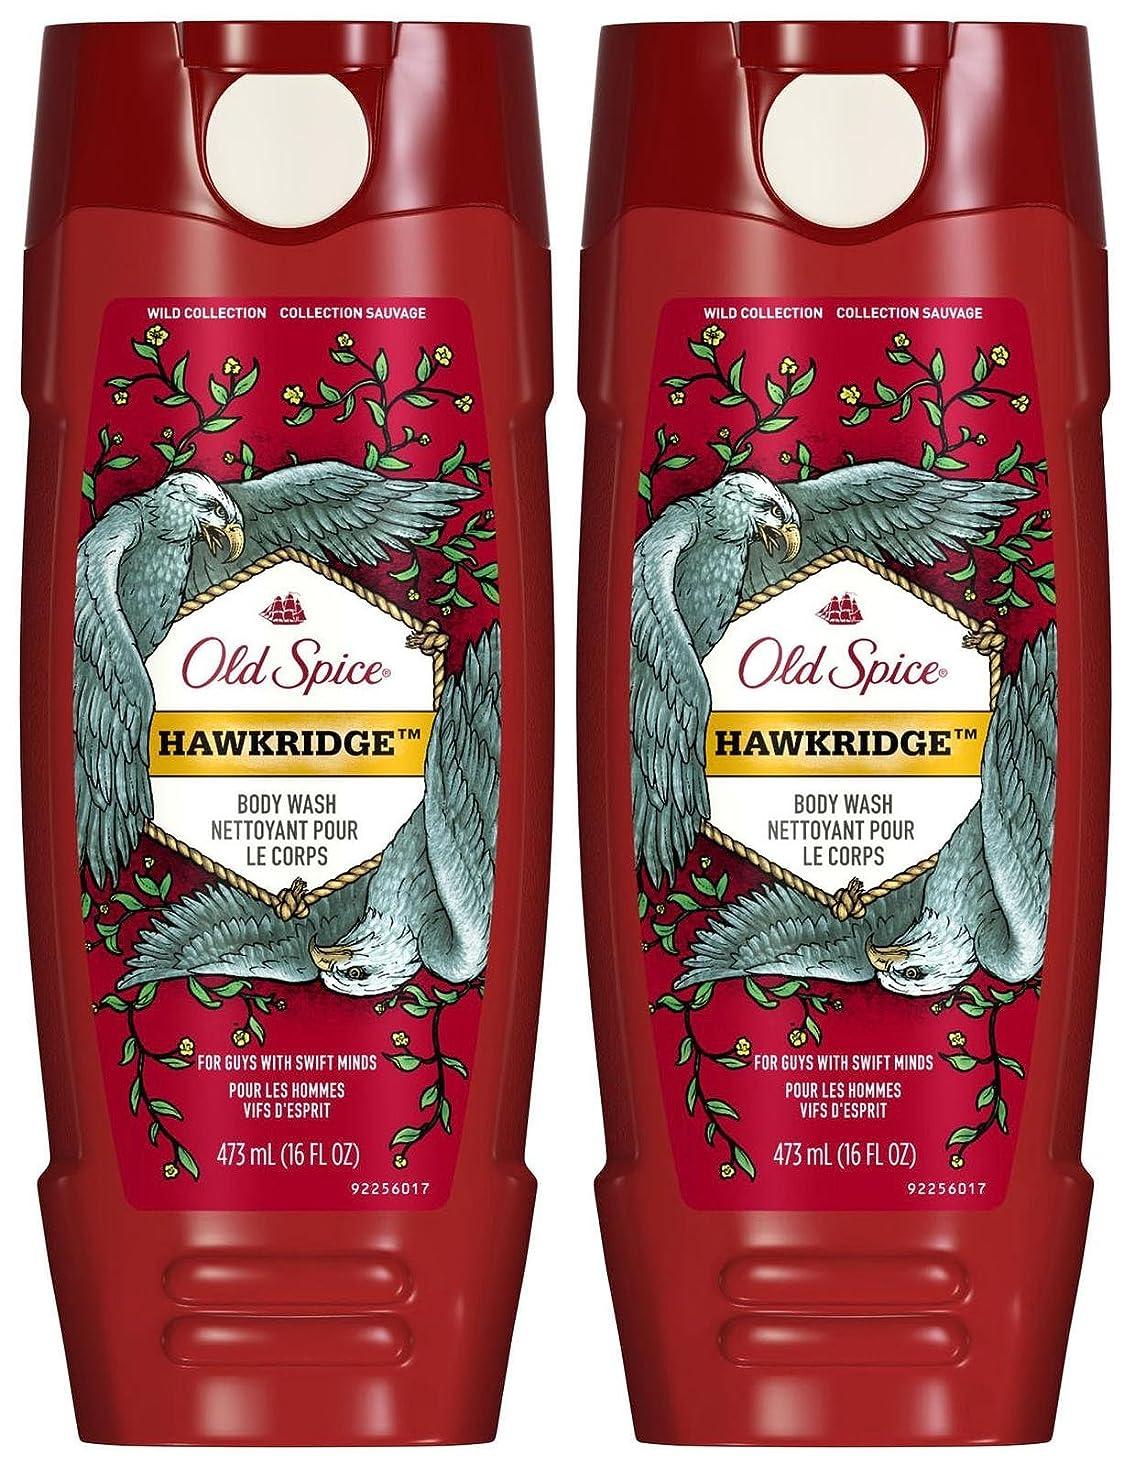 前進キー精神医学Old Spice ワイルドボディウォッシュ - Hawkridge - 16オズ - 2 Pkを